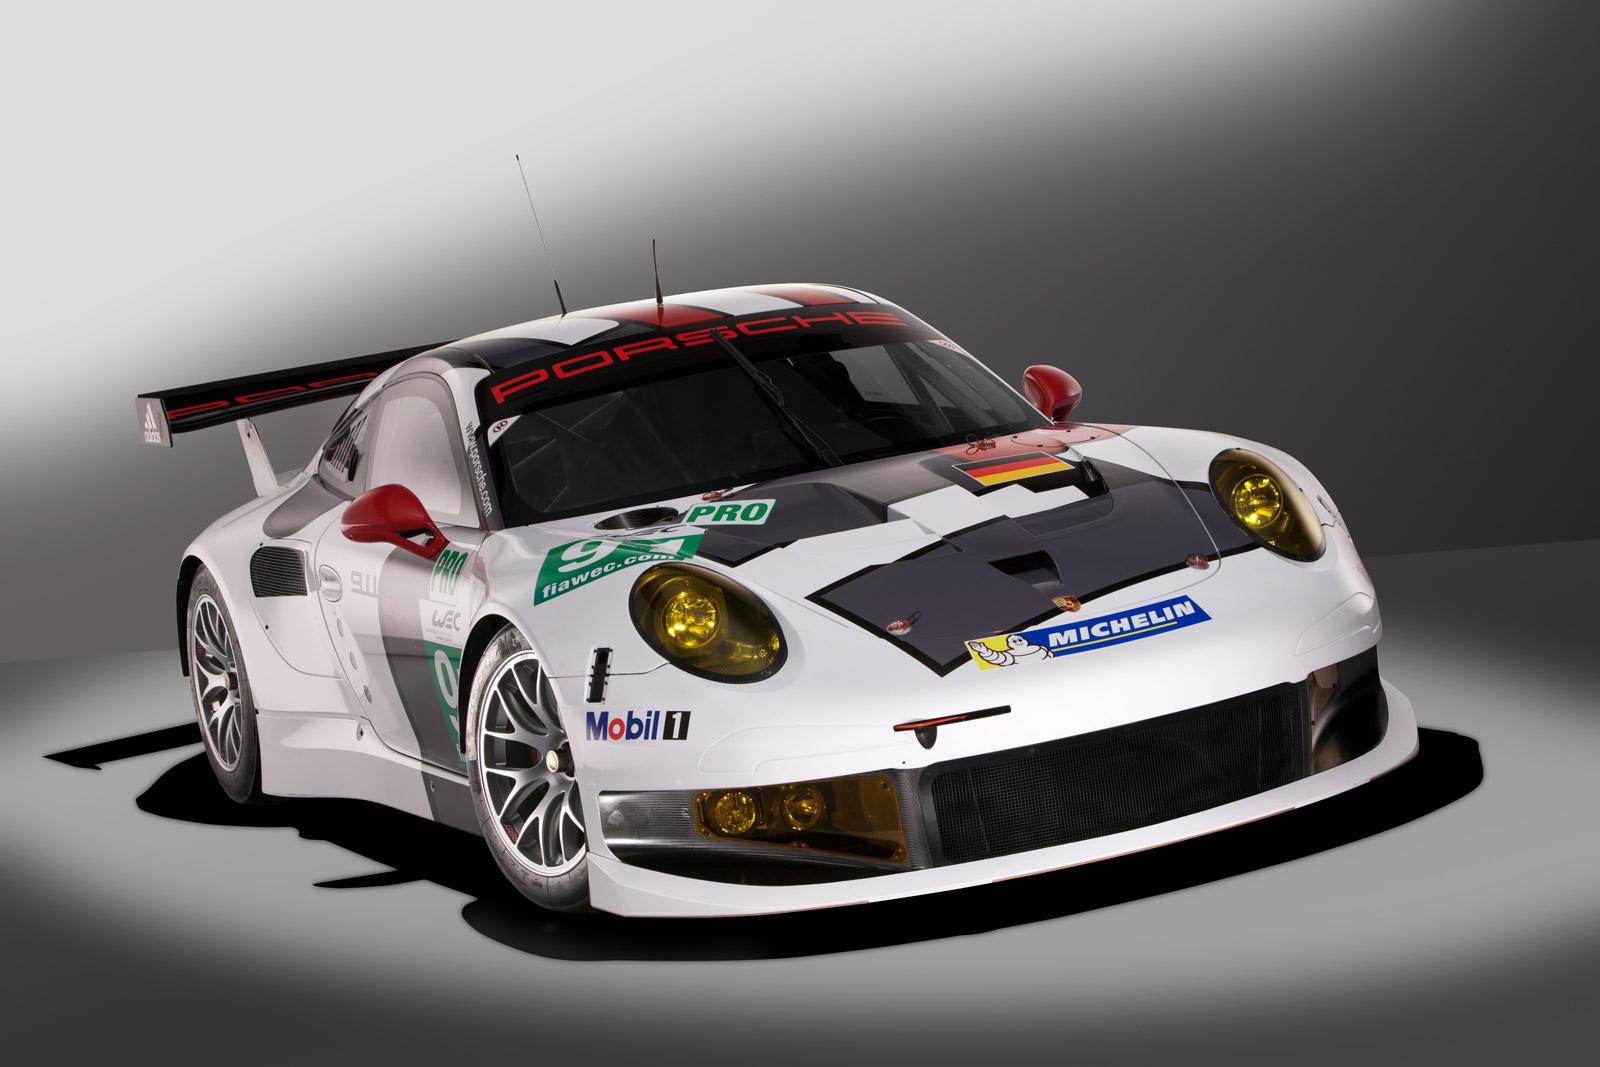 2013 Porsche 911 Rsr Race Car Full Specs